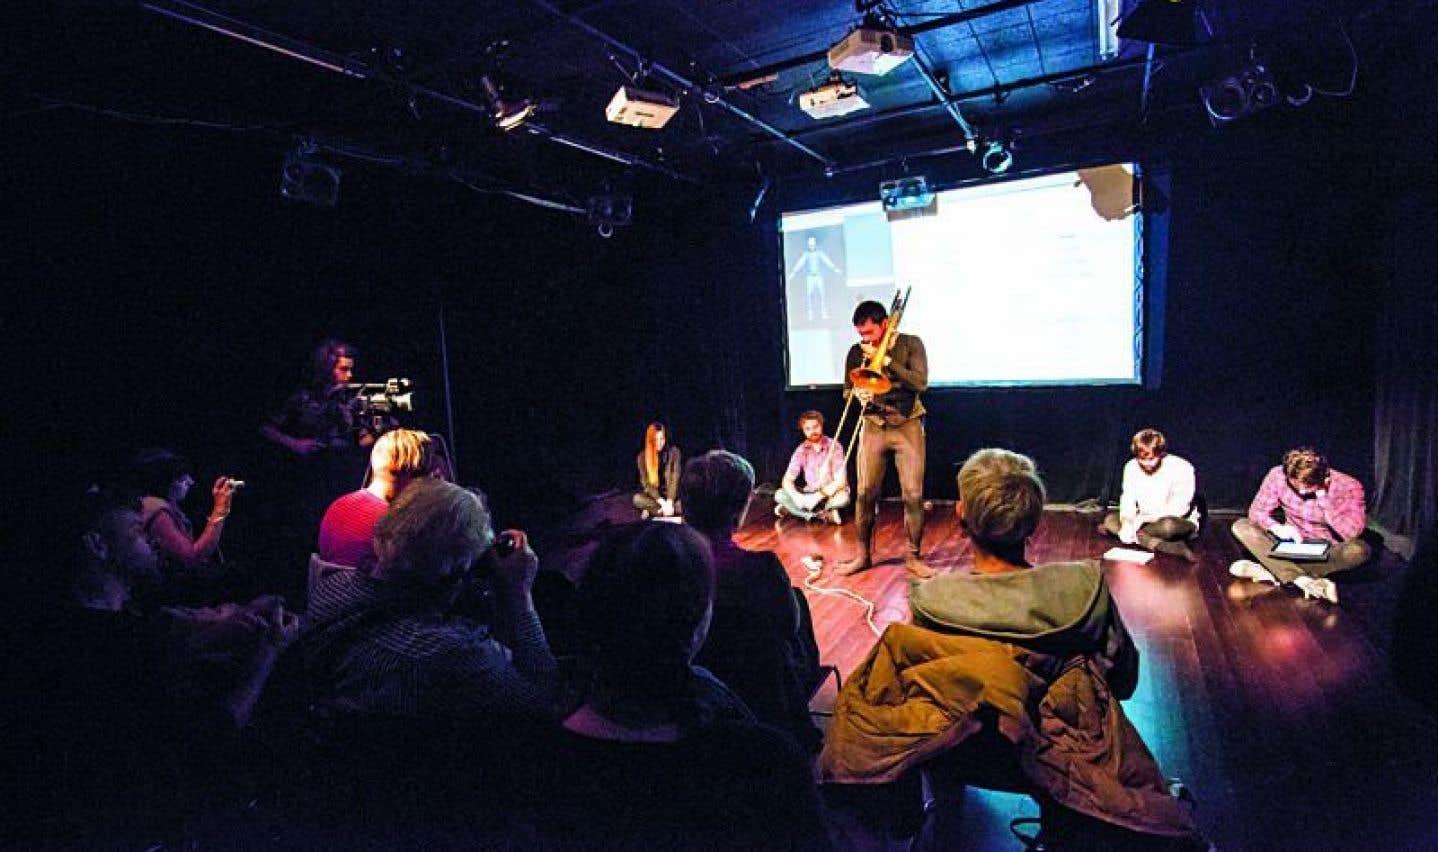 Le projet Musicking the Body Electric explore les possibilités et les applications technologiques, créatives et esthétiques de la performance de musique mobile grâce à l'utilisation des informations de partition vibro-tactile.